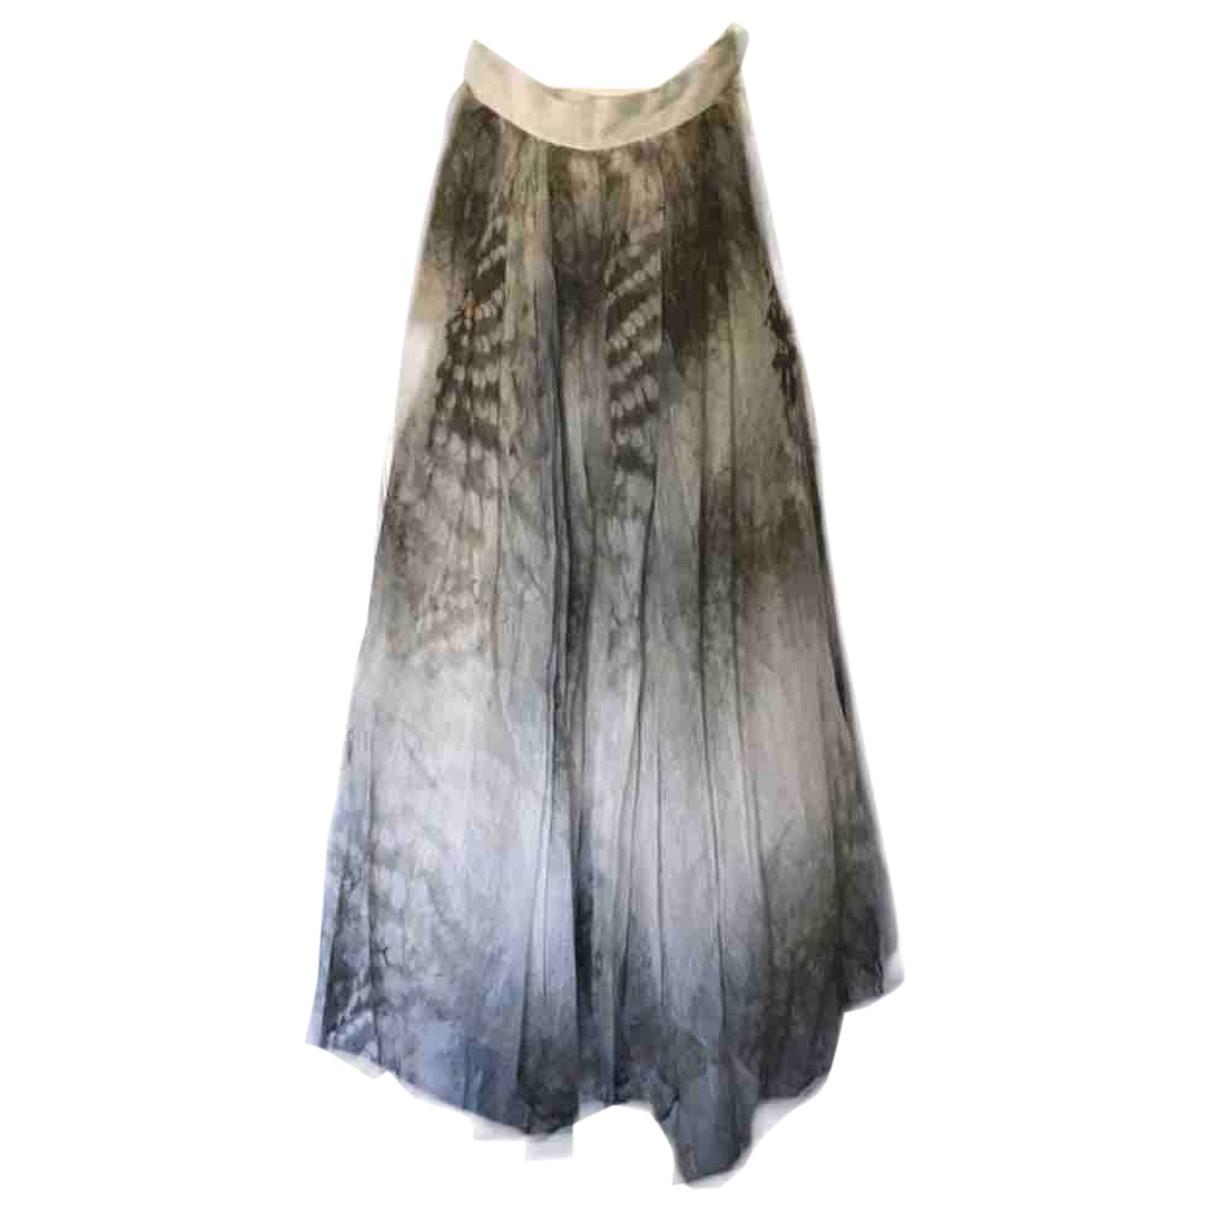 Hm Conscious Exclusive \N Multicolour Linen skirt for Women 40 FR